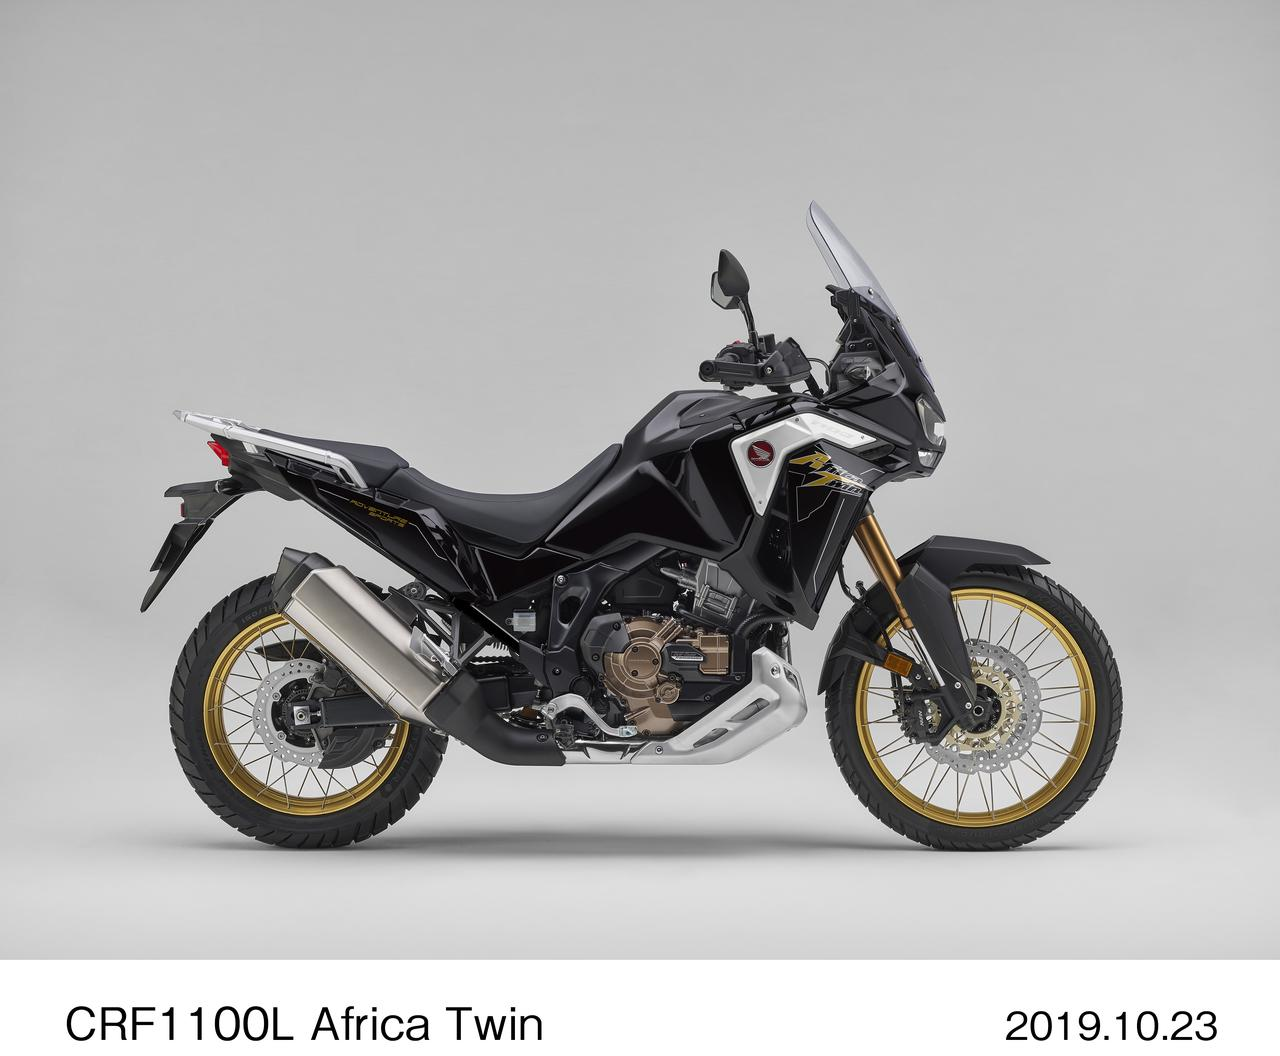 ホンダが〈新型アフリカツイン〉シリーズ全機種の価格と発売予定日を発表!【東京モーターショー2019】